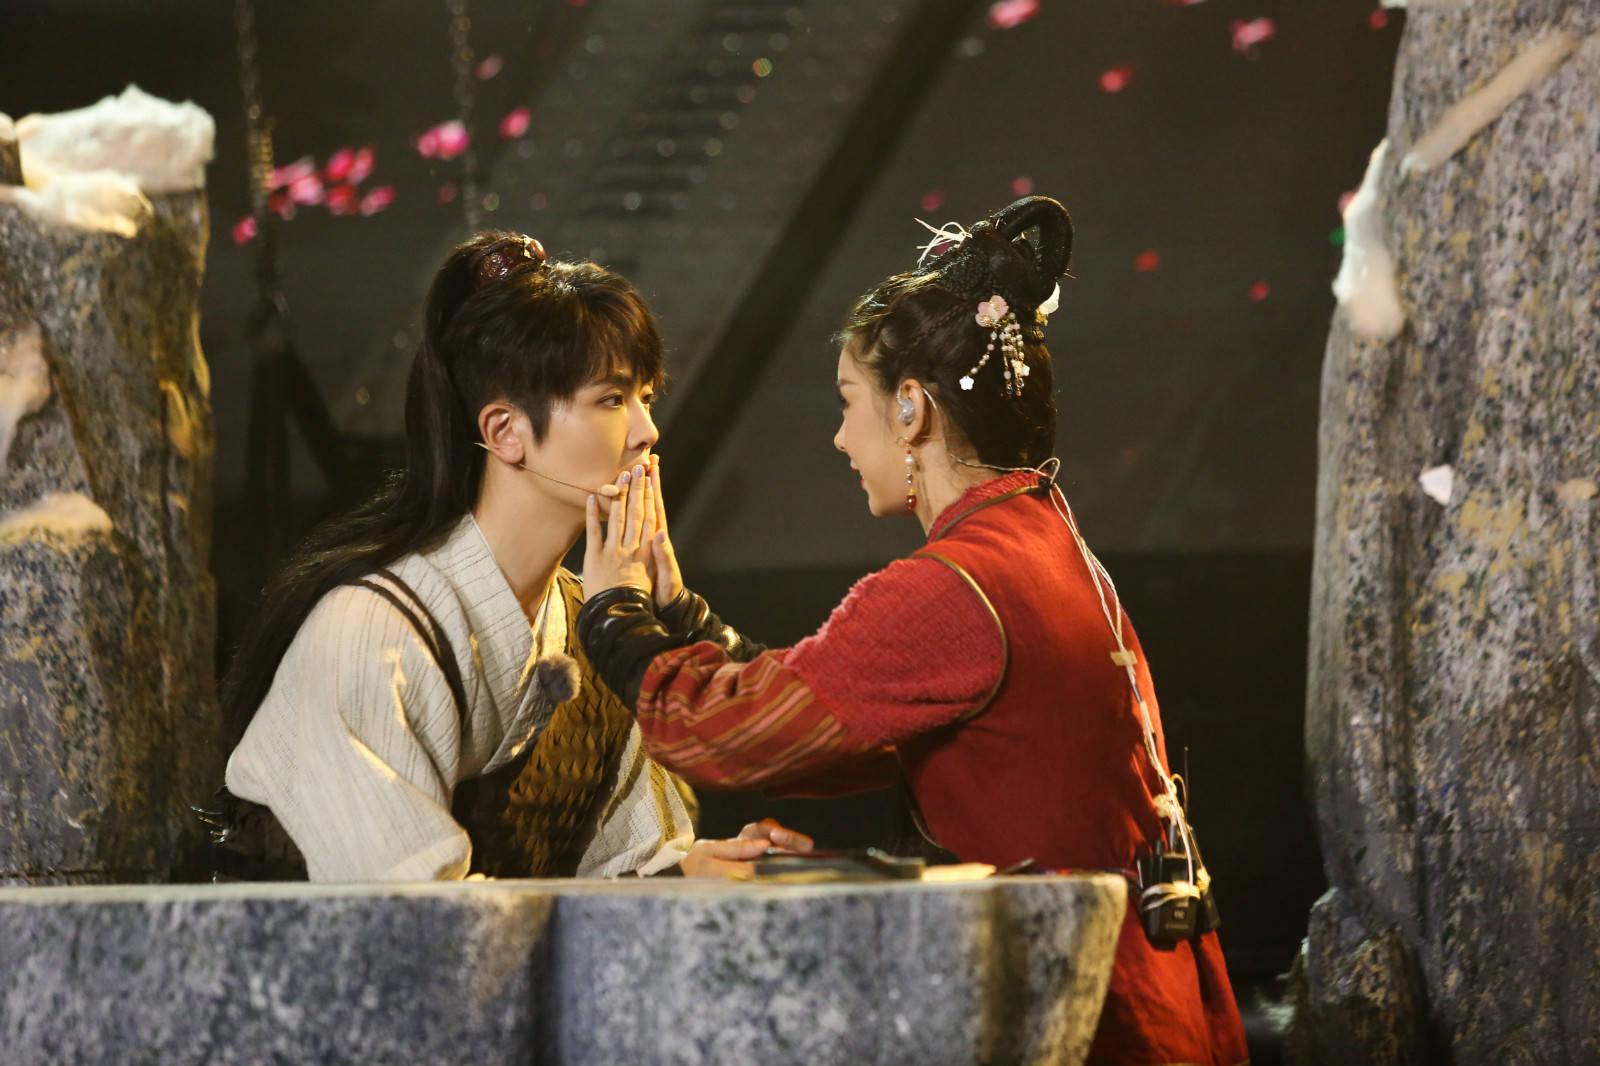 刘端端《跨界歌王》演绎金庸舞台剧 戏剧功底全场好评